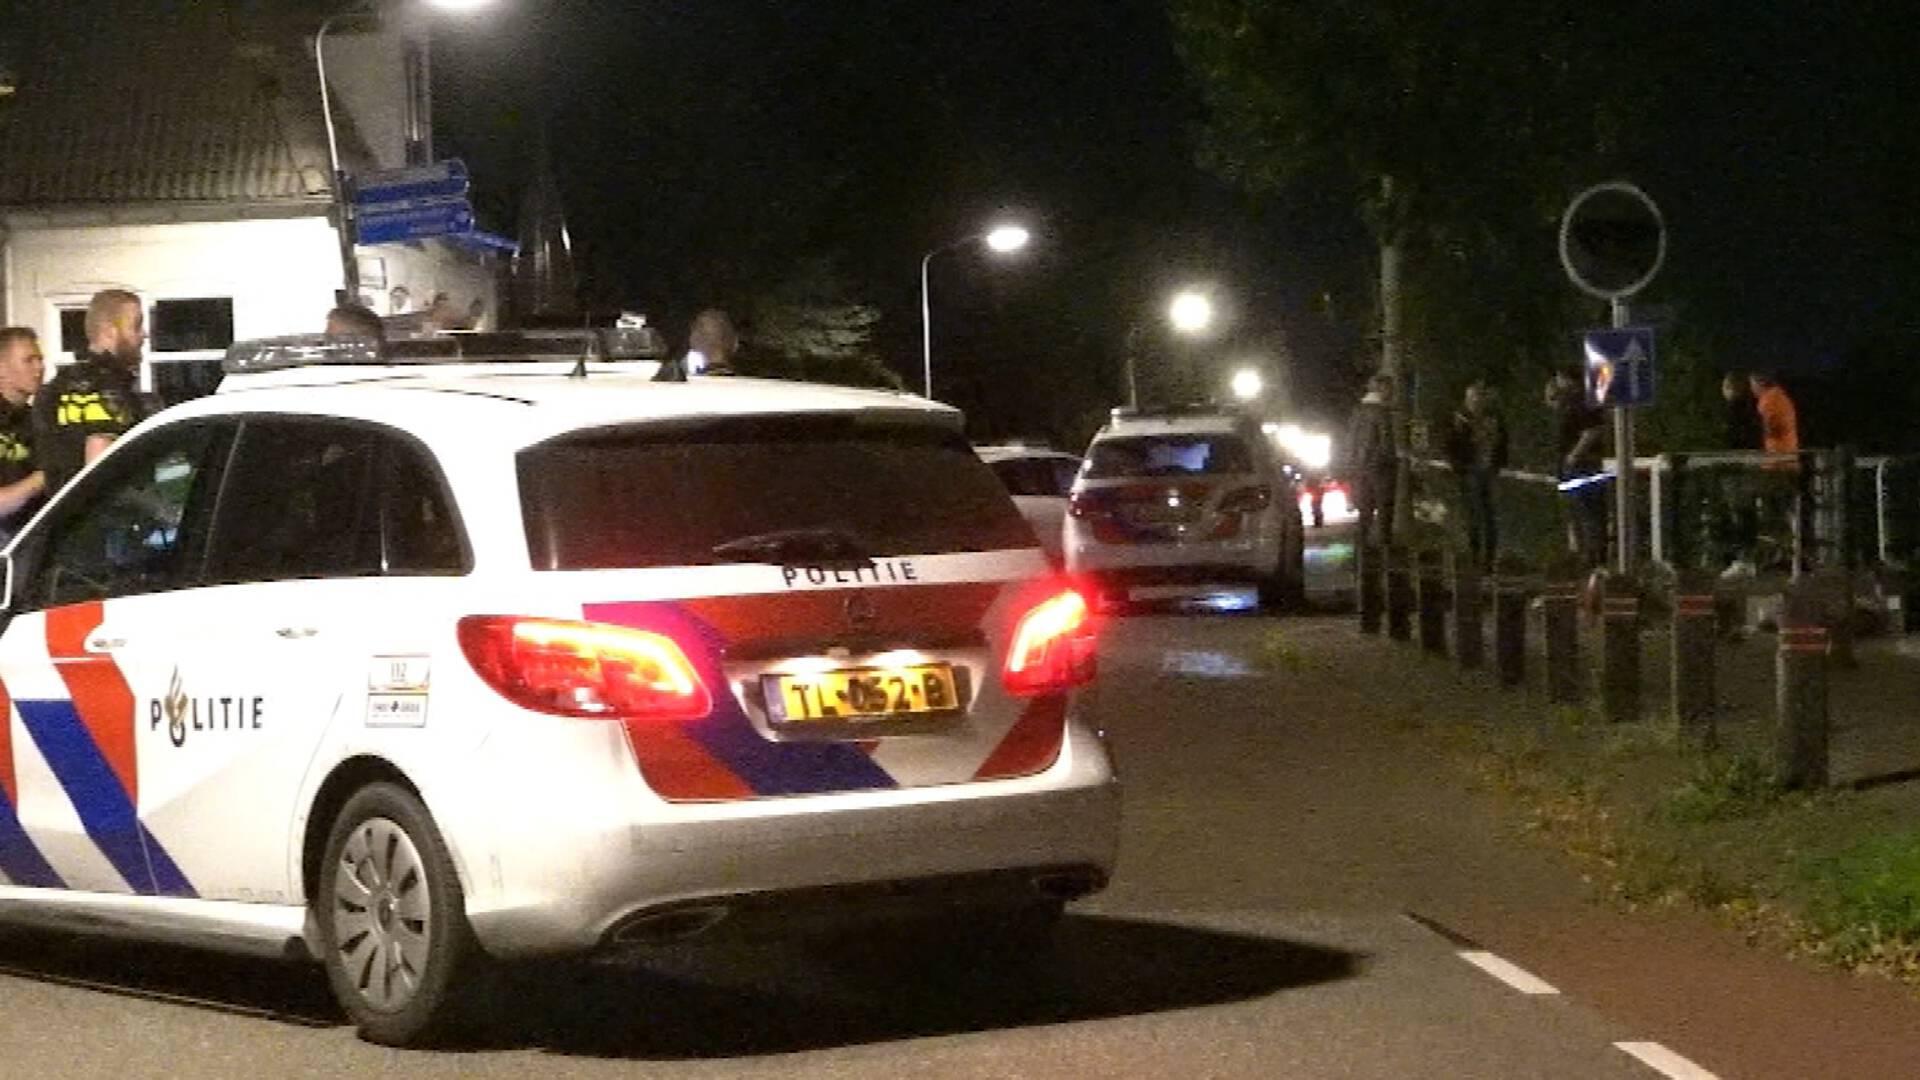 إطلاق نار في قرية في Groningen واعتقال 8 أشخاص